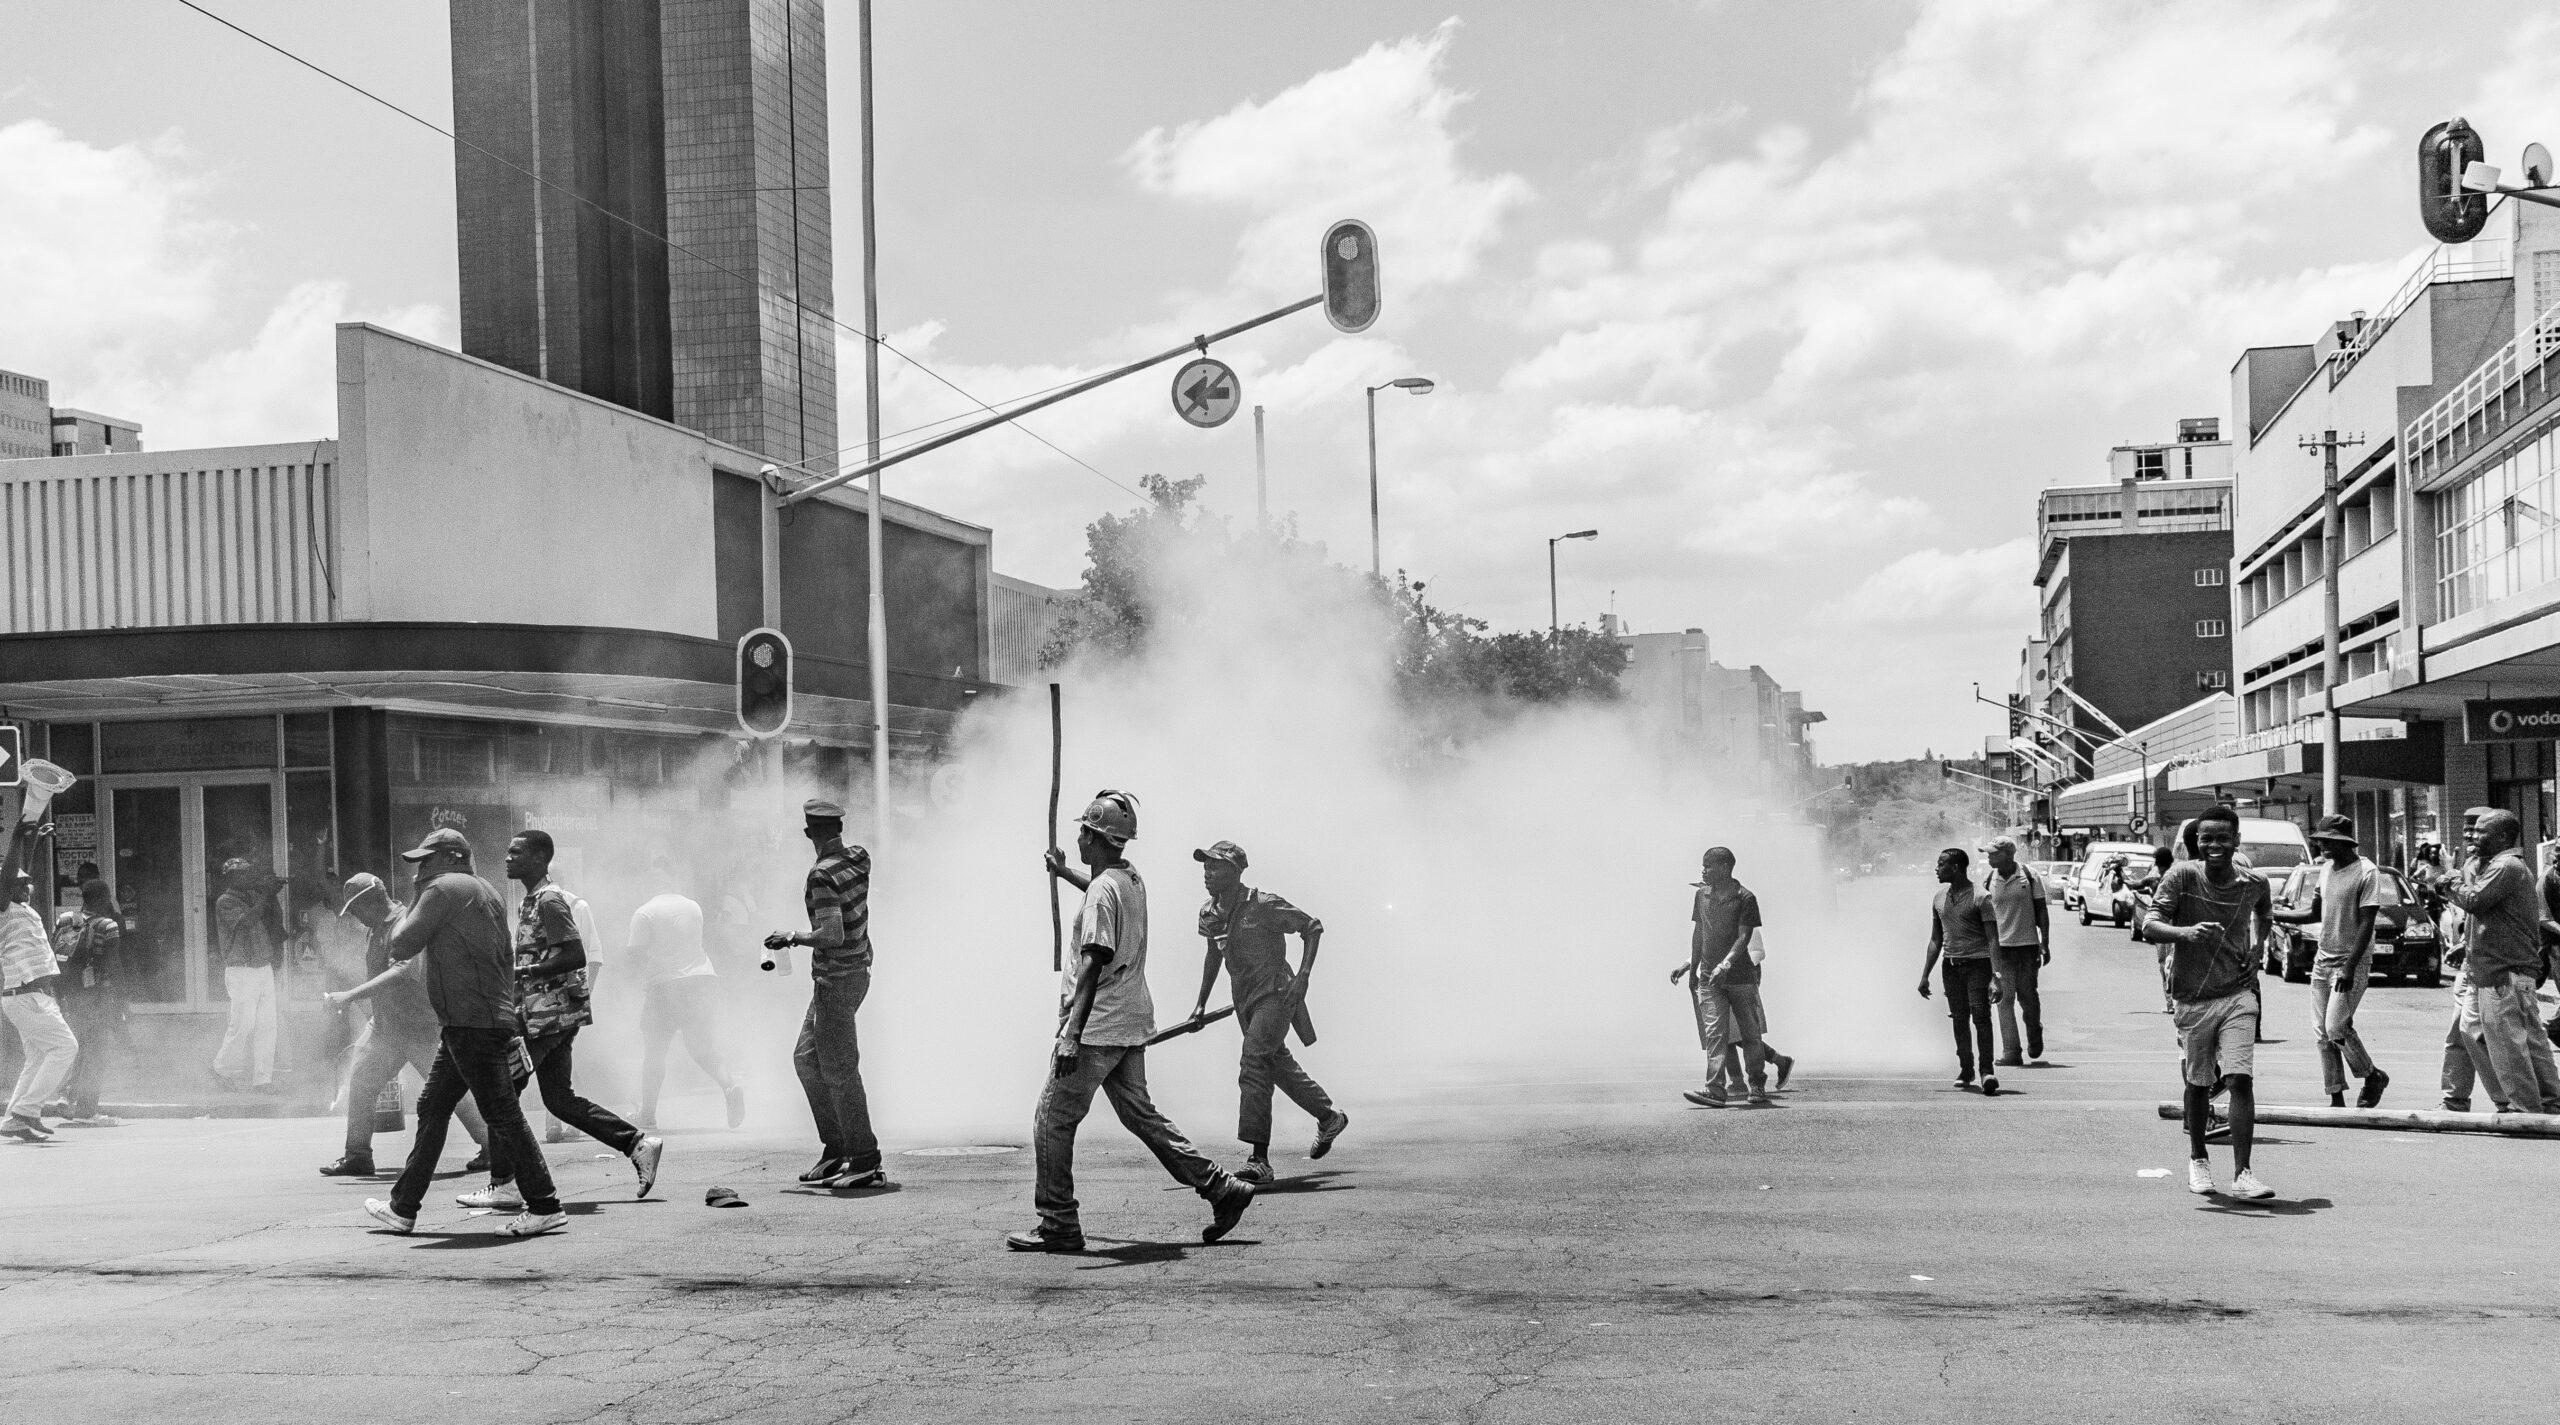 Strajk – kto może strajkować? Rodzaje strajków